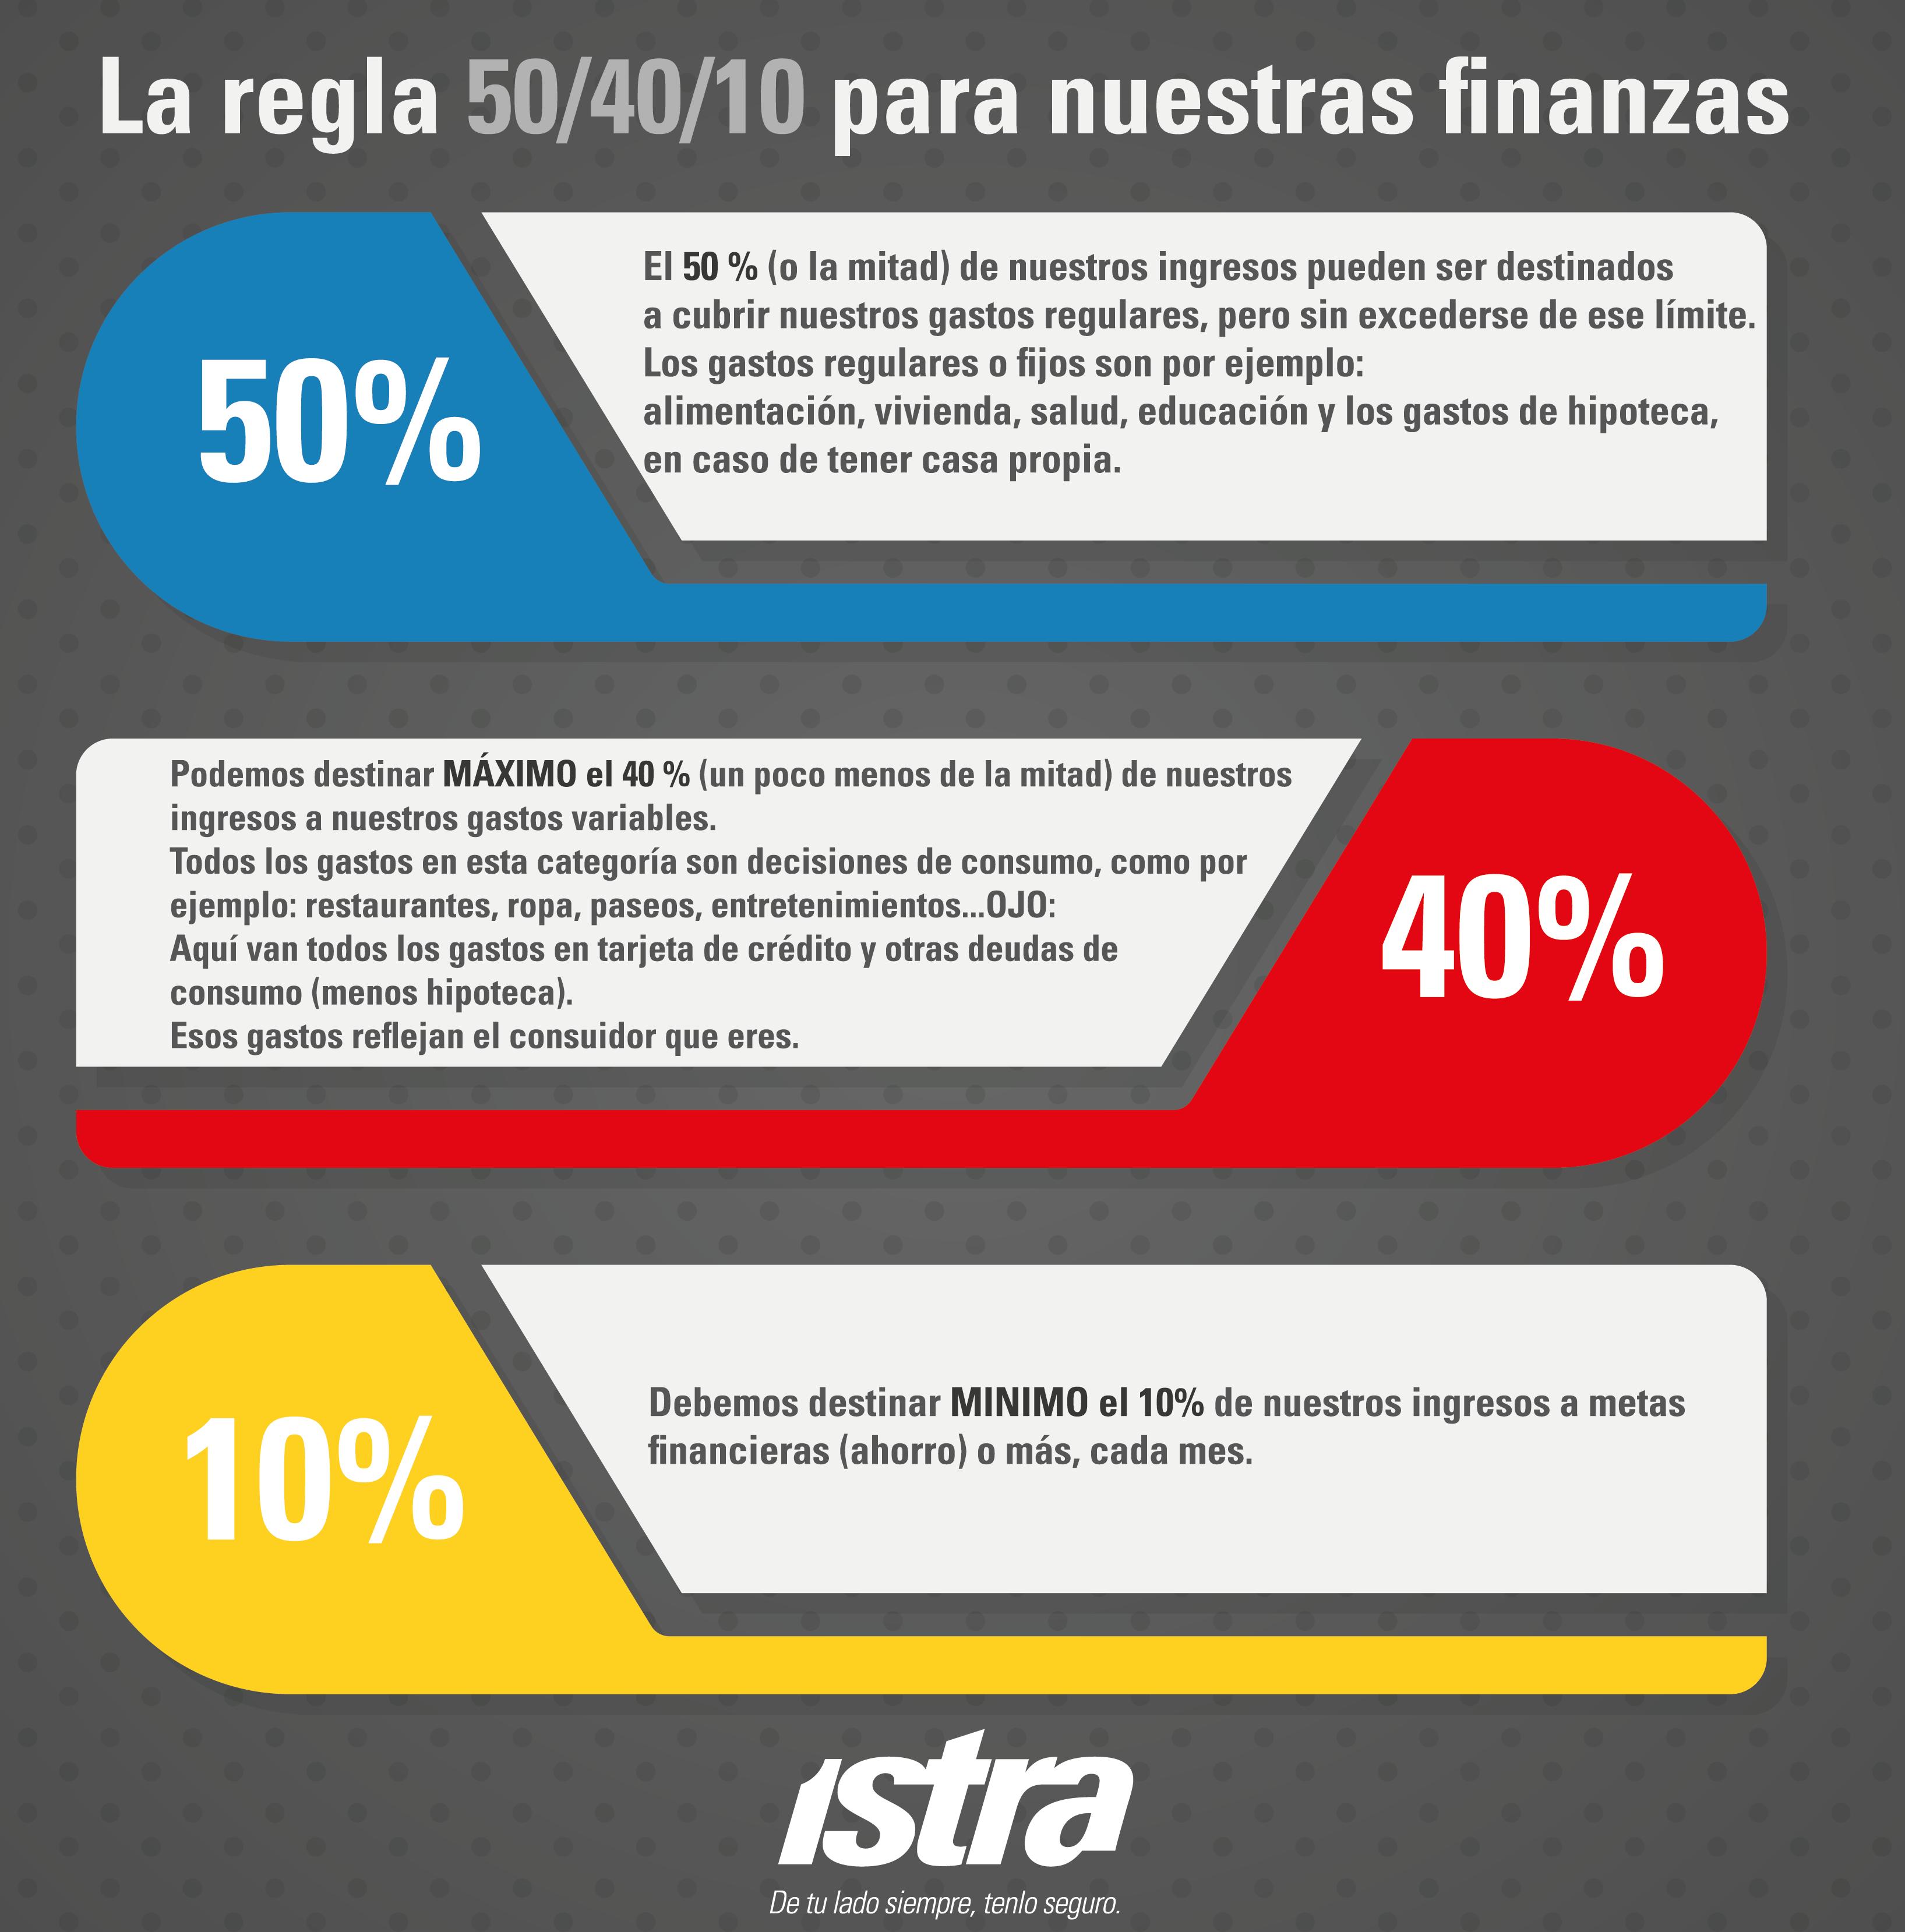 Reglas para nuestras finanzas (2)